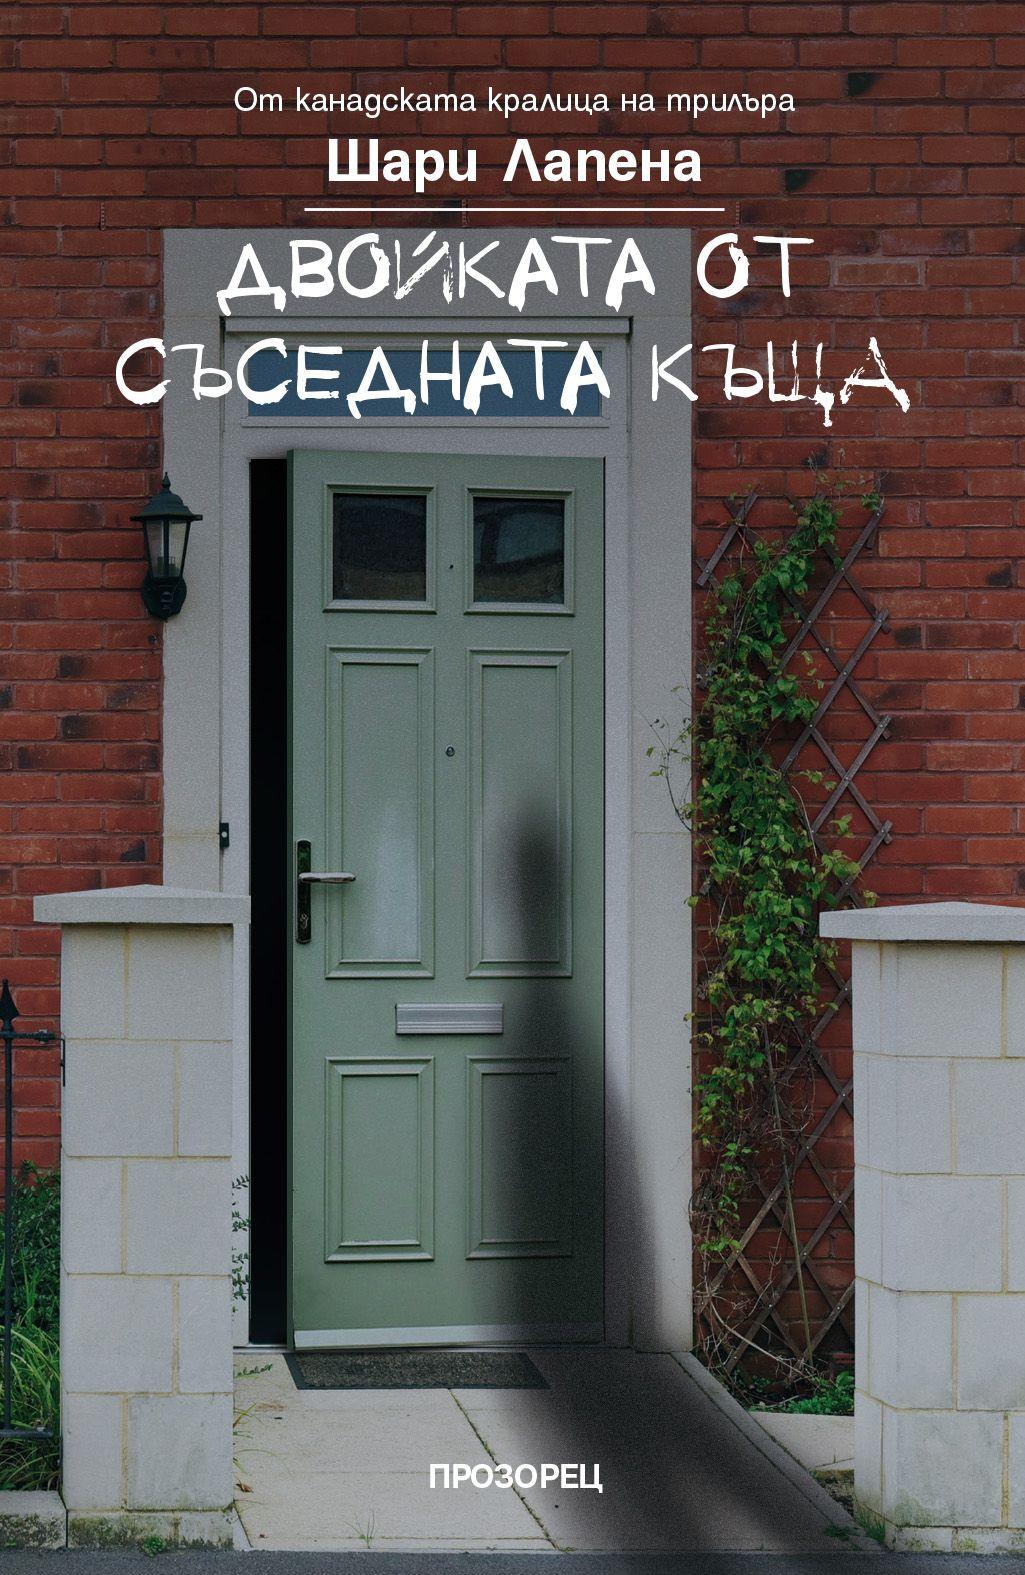 Двойката от съседната къща - 1